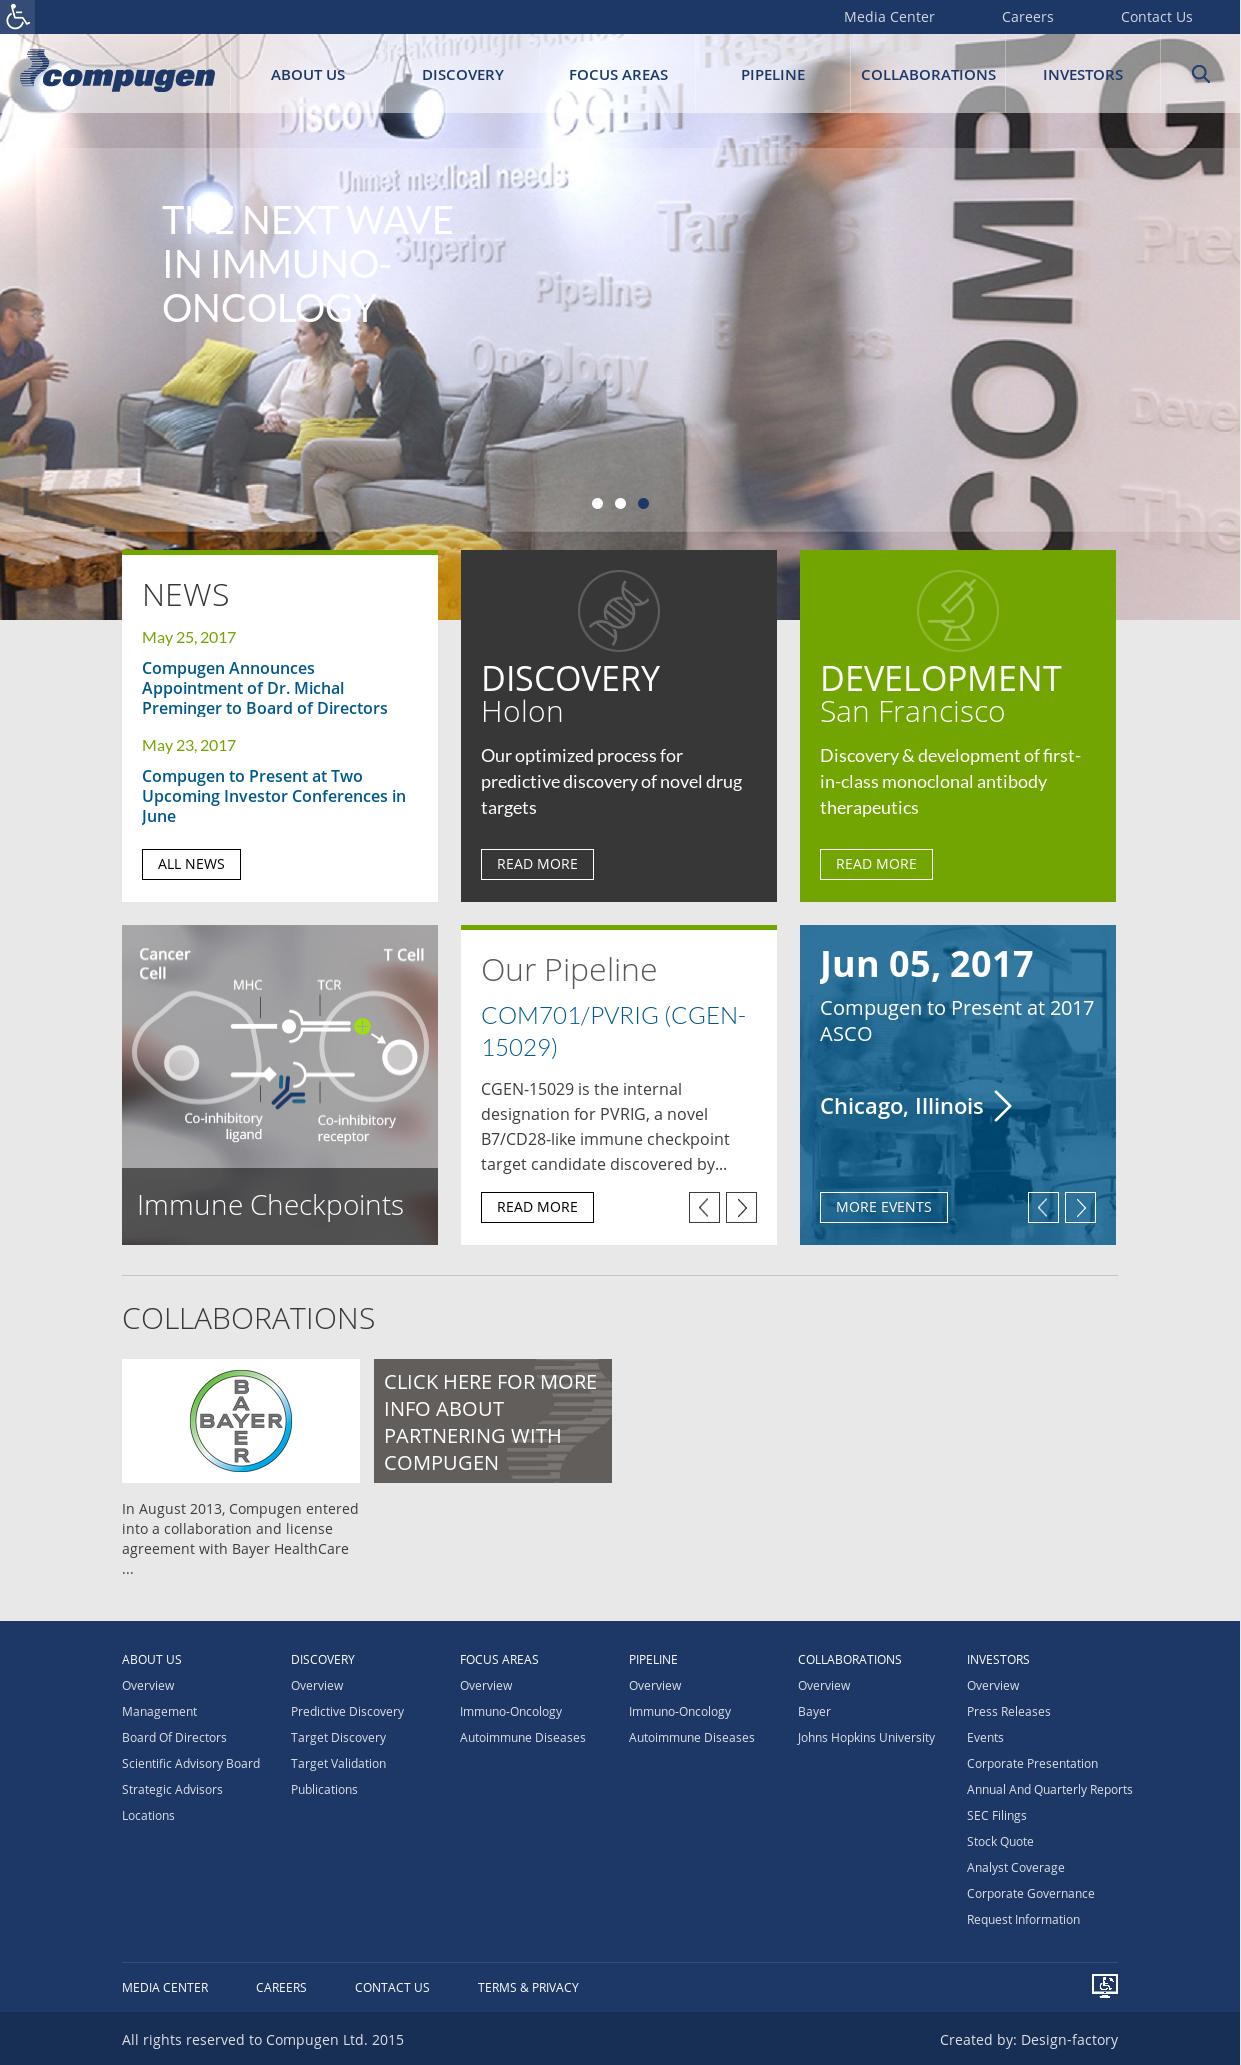 Compugen website history